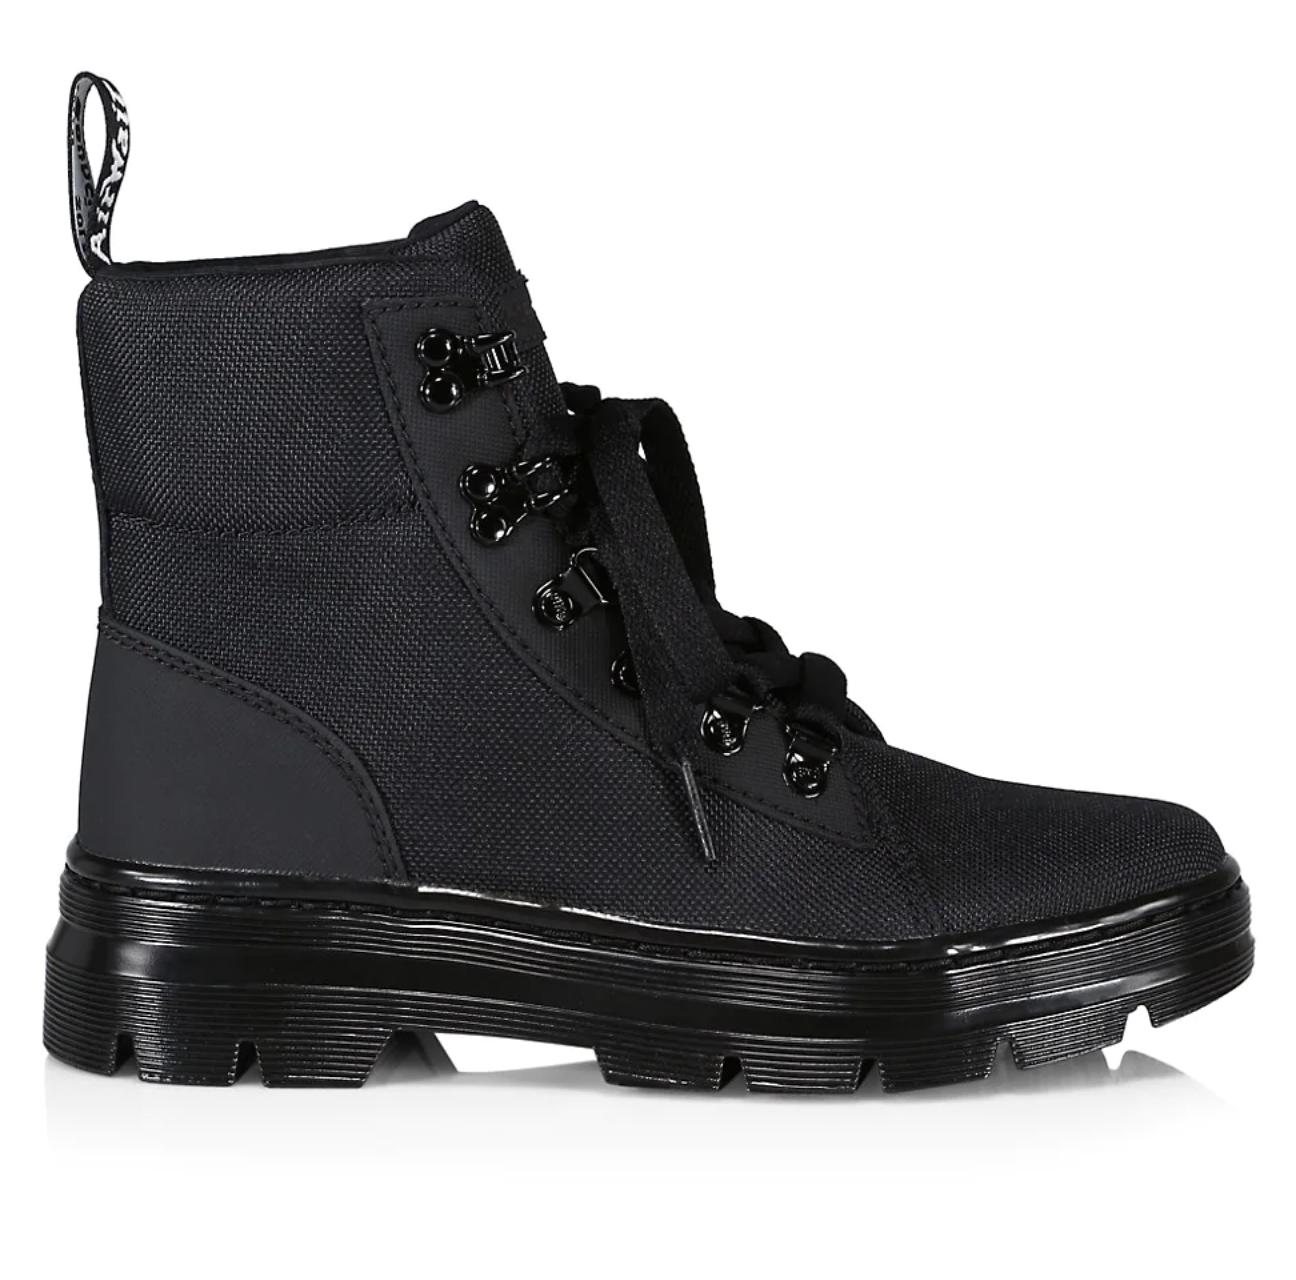 Dr. Martens, lug-sole boots